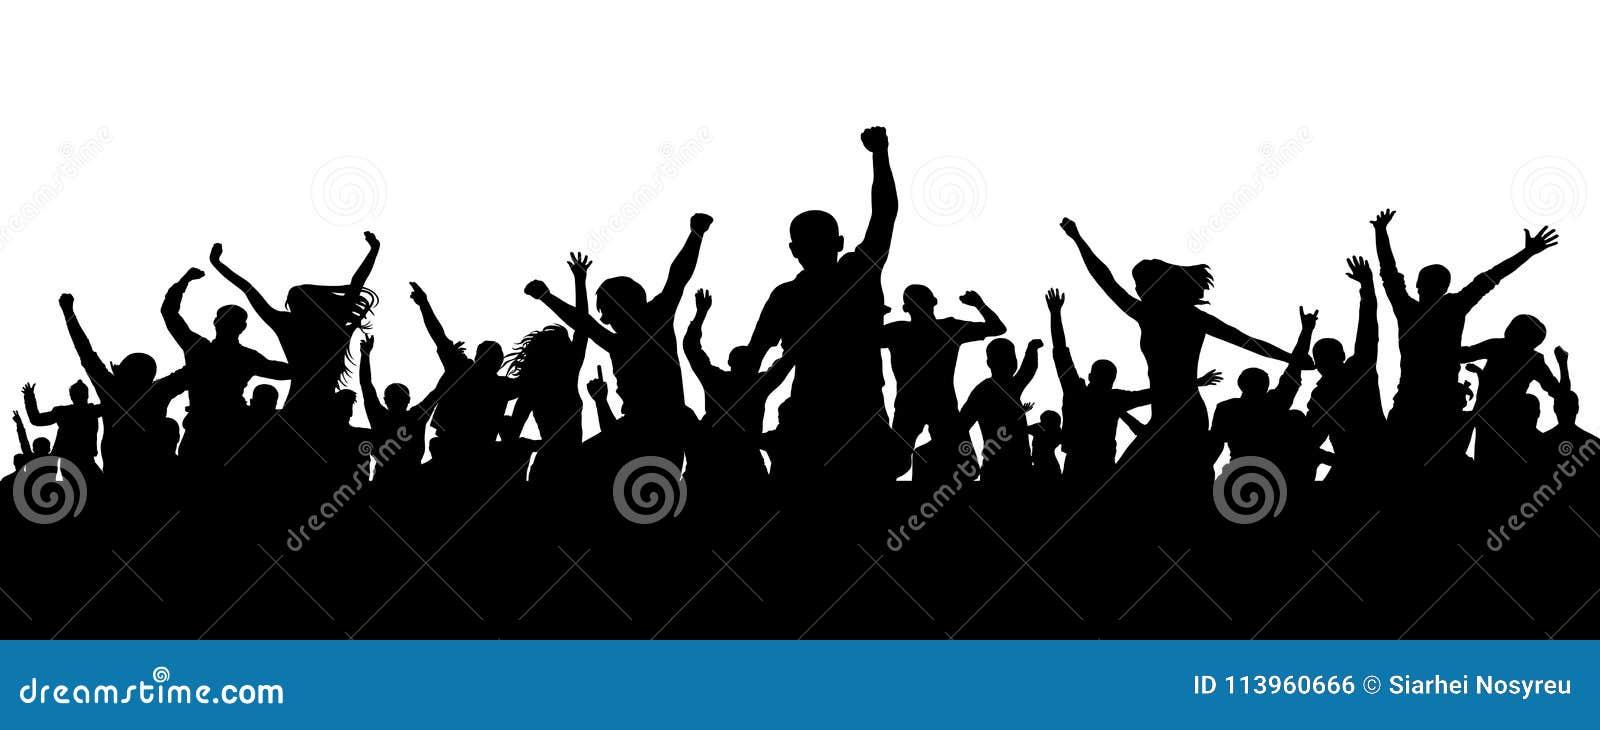 Multidão alegre Silhueta alegre dos povos da multidão Multidão do aplauso Amigos felizes do grupo dos jovens que dançam no partid